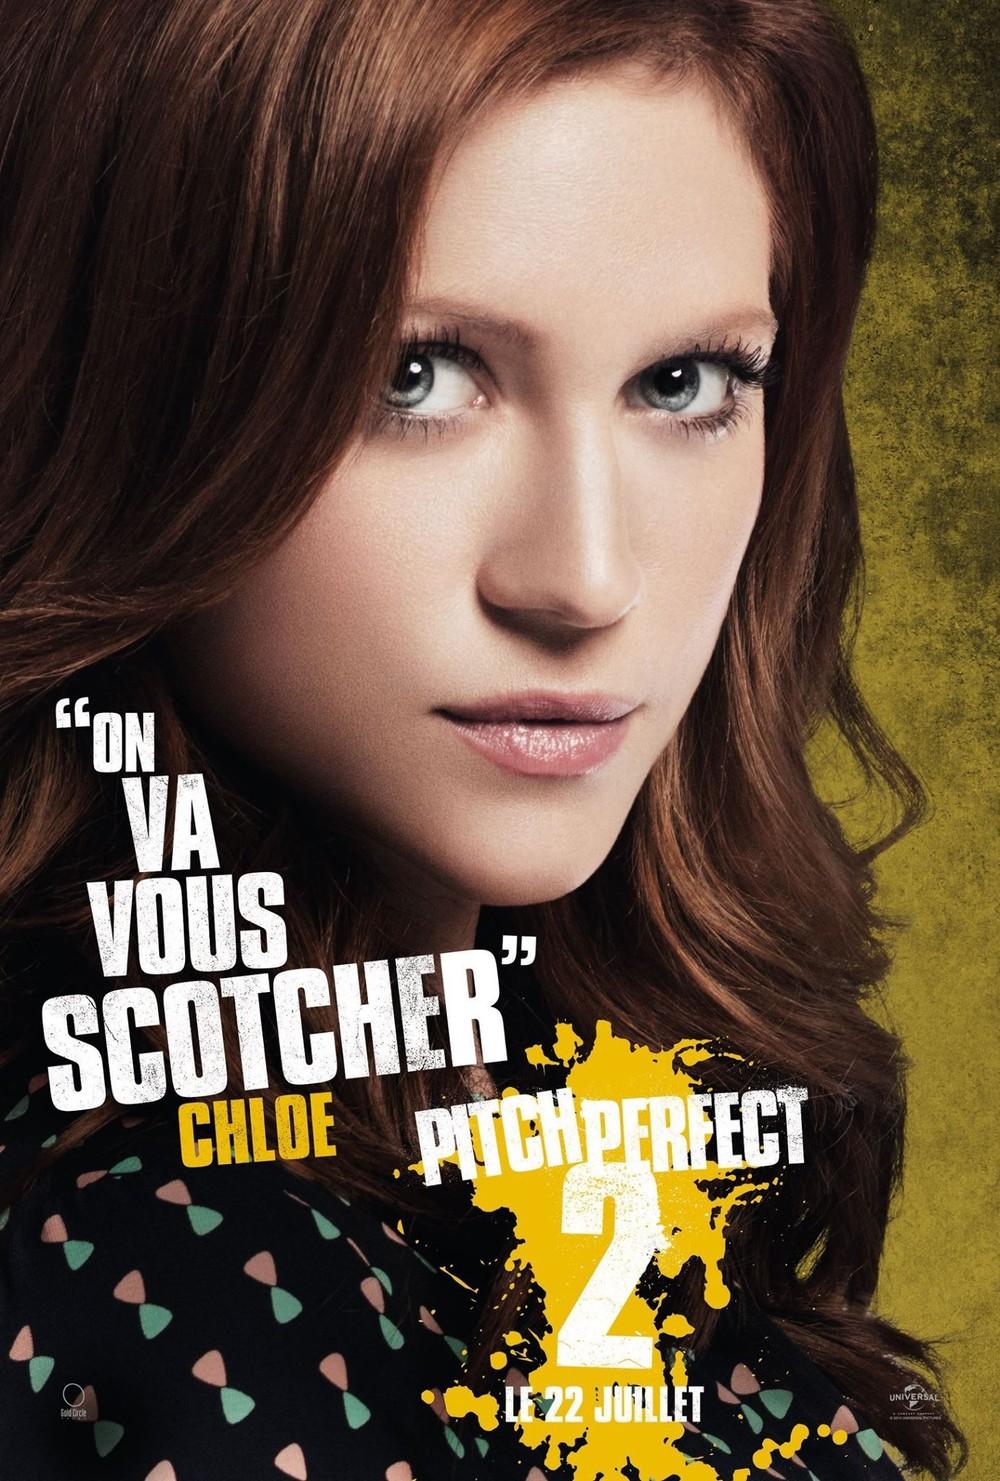 Netflix Quotes Wallpaper Pitch Perfect 2 Dvd Release Date Redbox Netflix Itunes